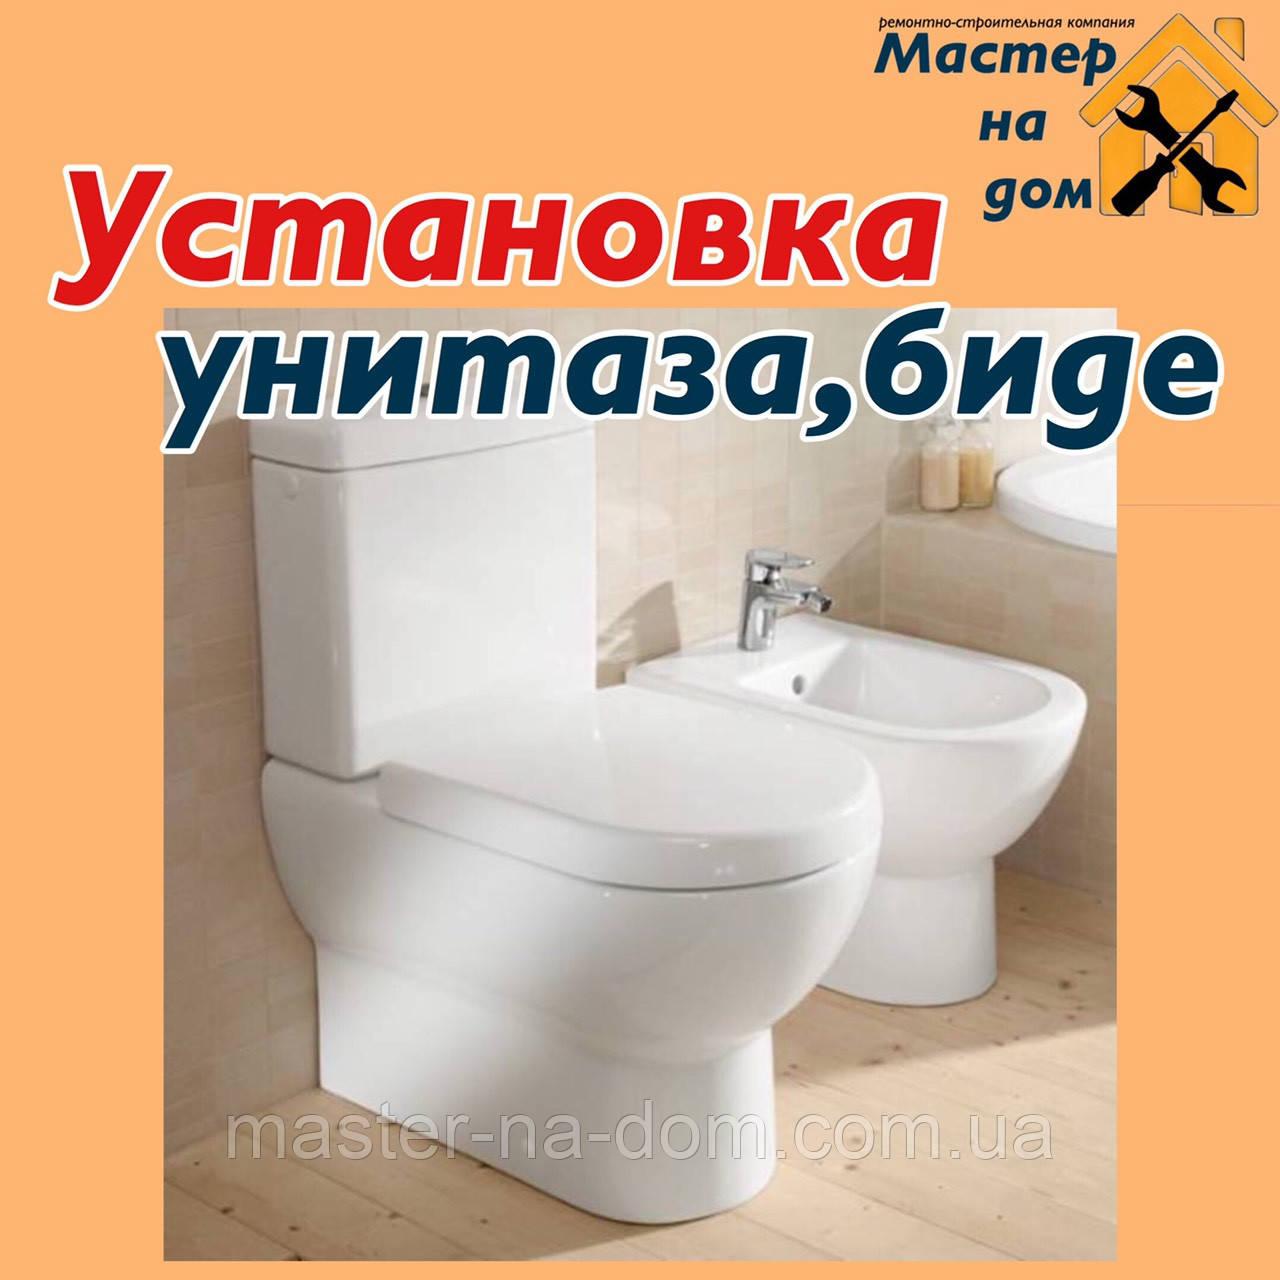 Монтаж унитаза и биде в Черновцах